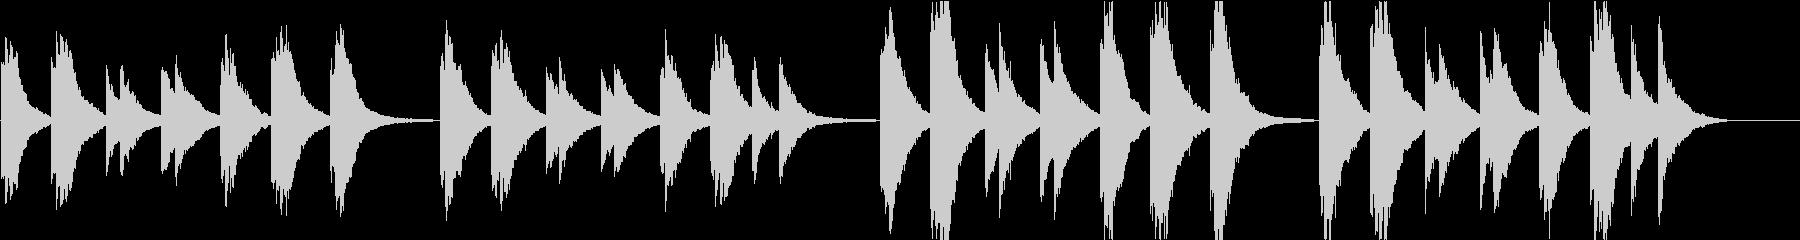 時報・チャイム風の名曲のメロディ・9の未再生の波形